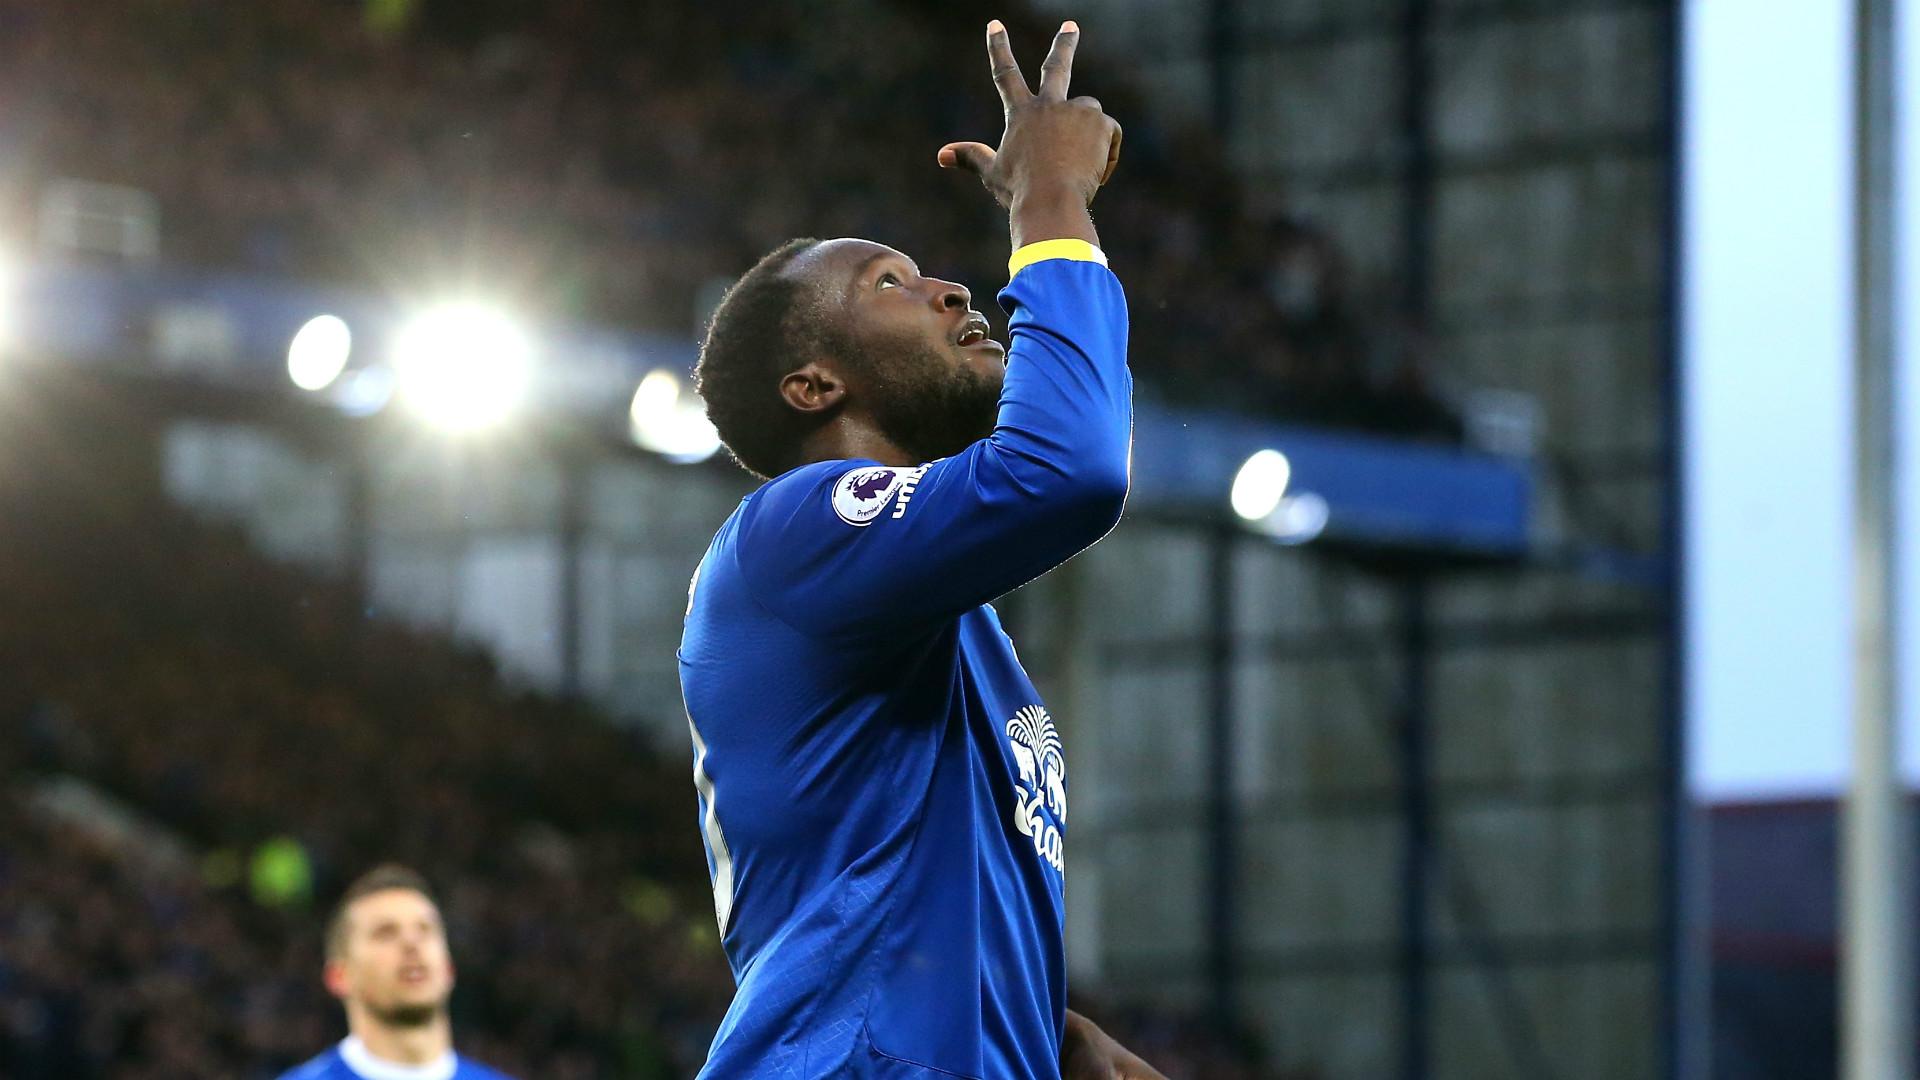 Romelu Lukaku: Is the Everton striker truly world class?